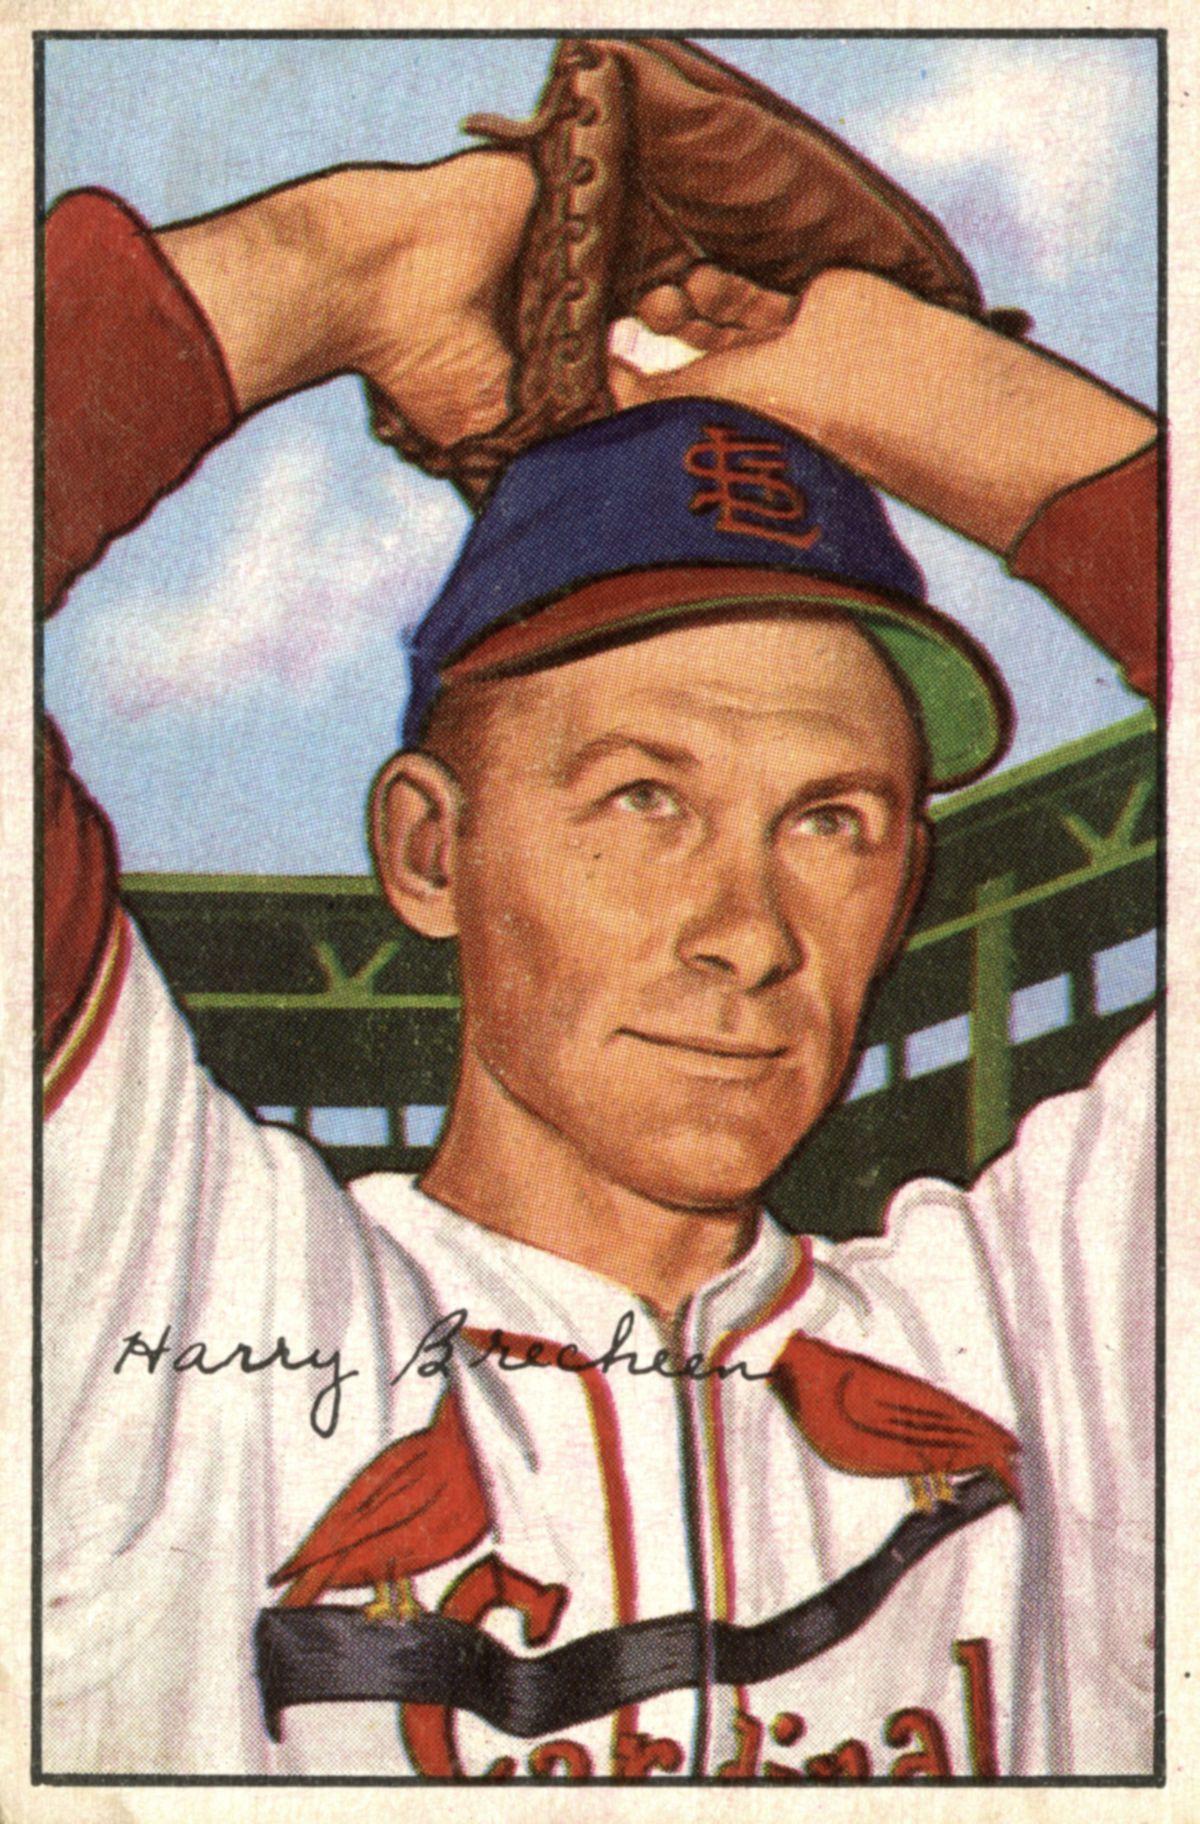 Baseball Card Of Harry Brecheen